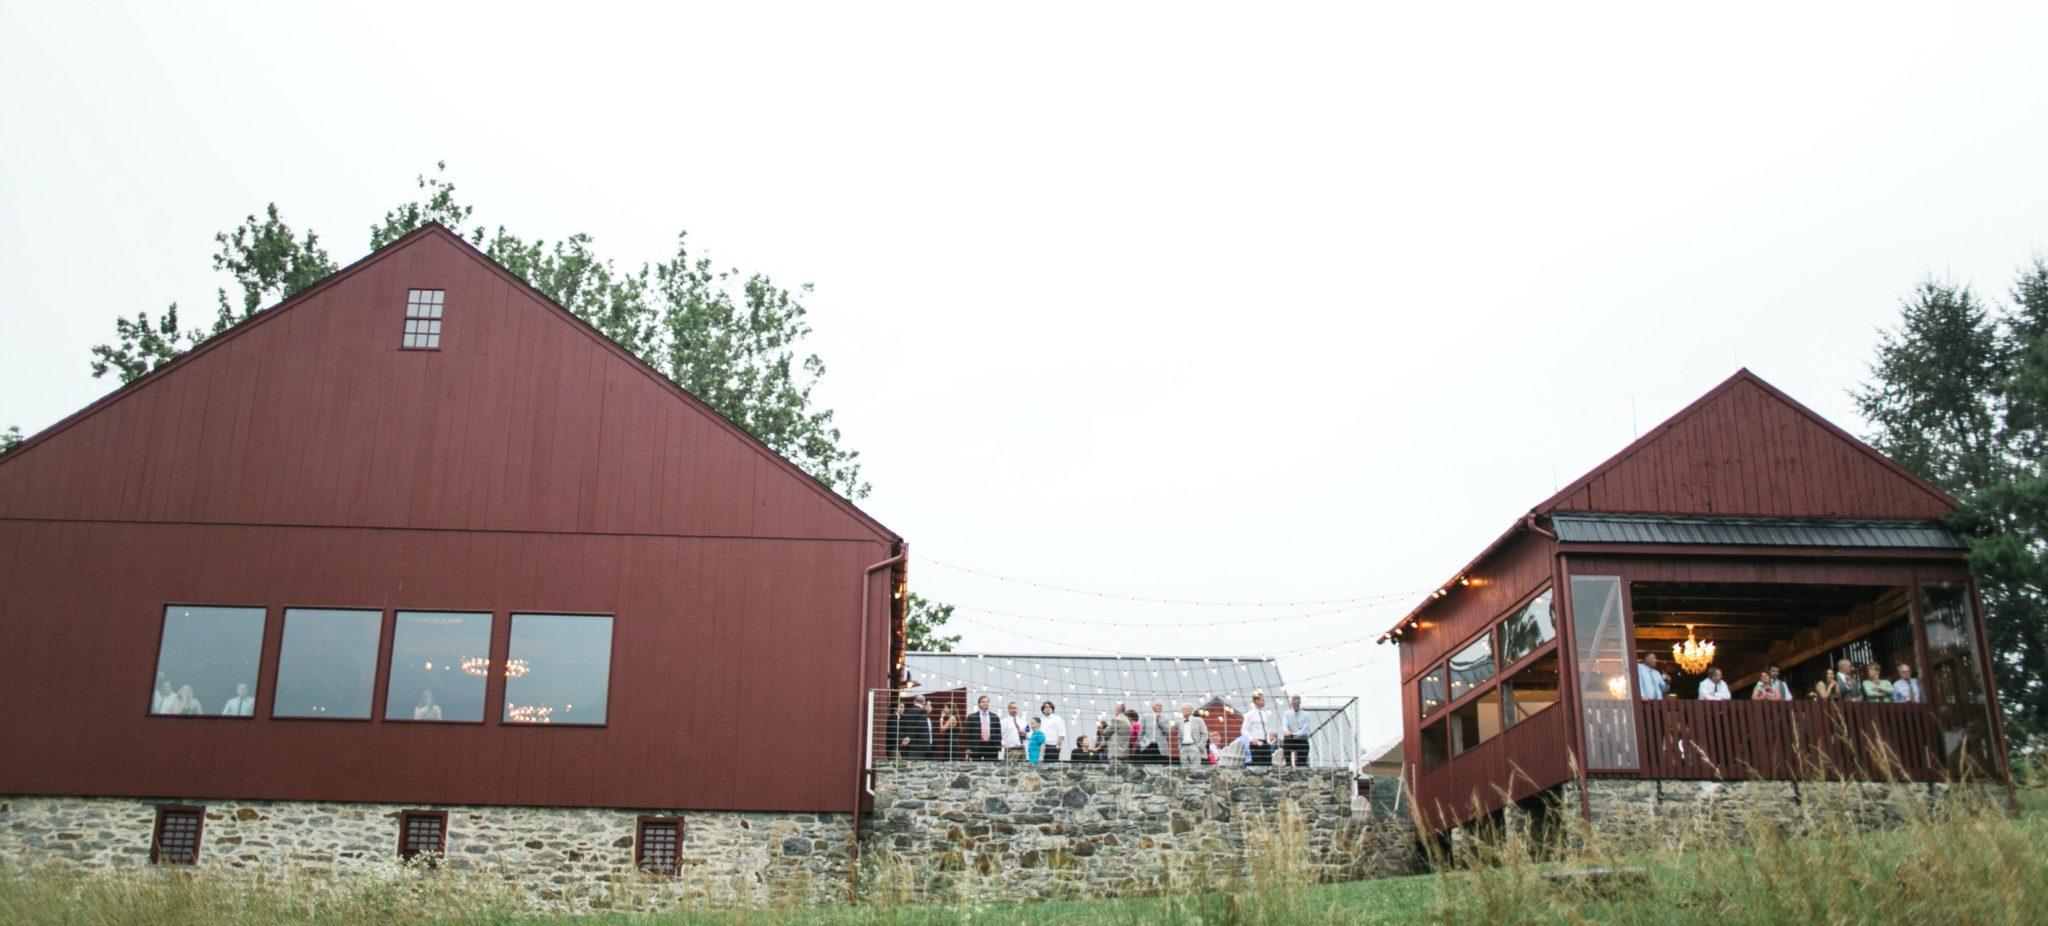 The Farm at Eagles Ridge | Events